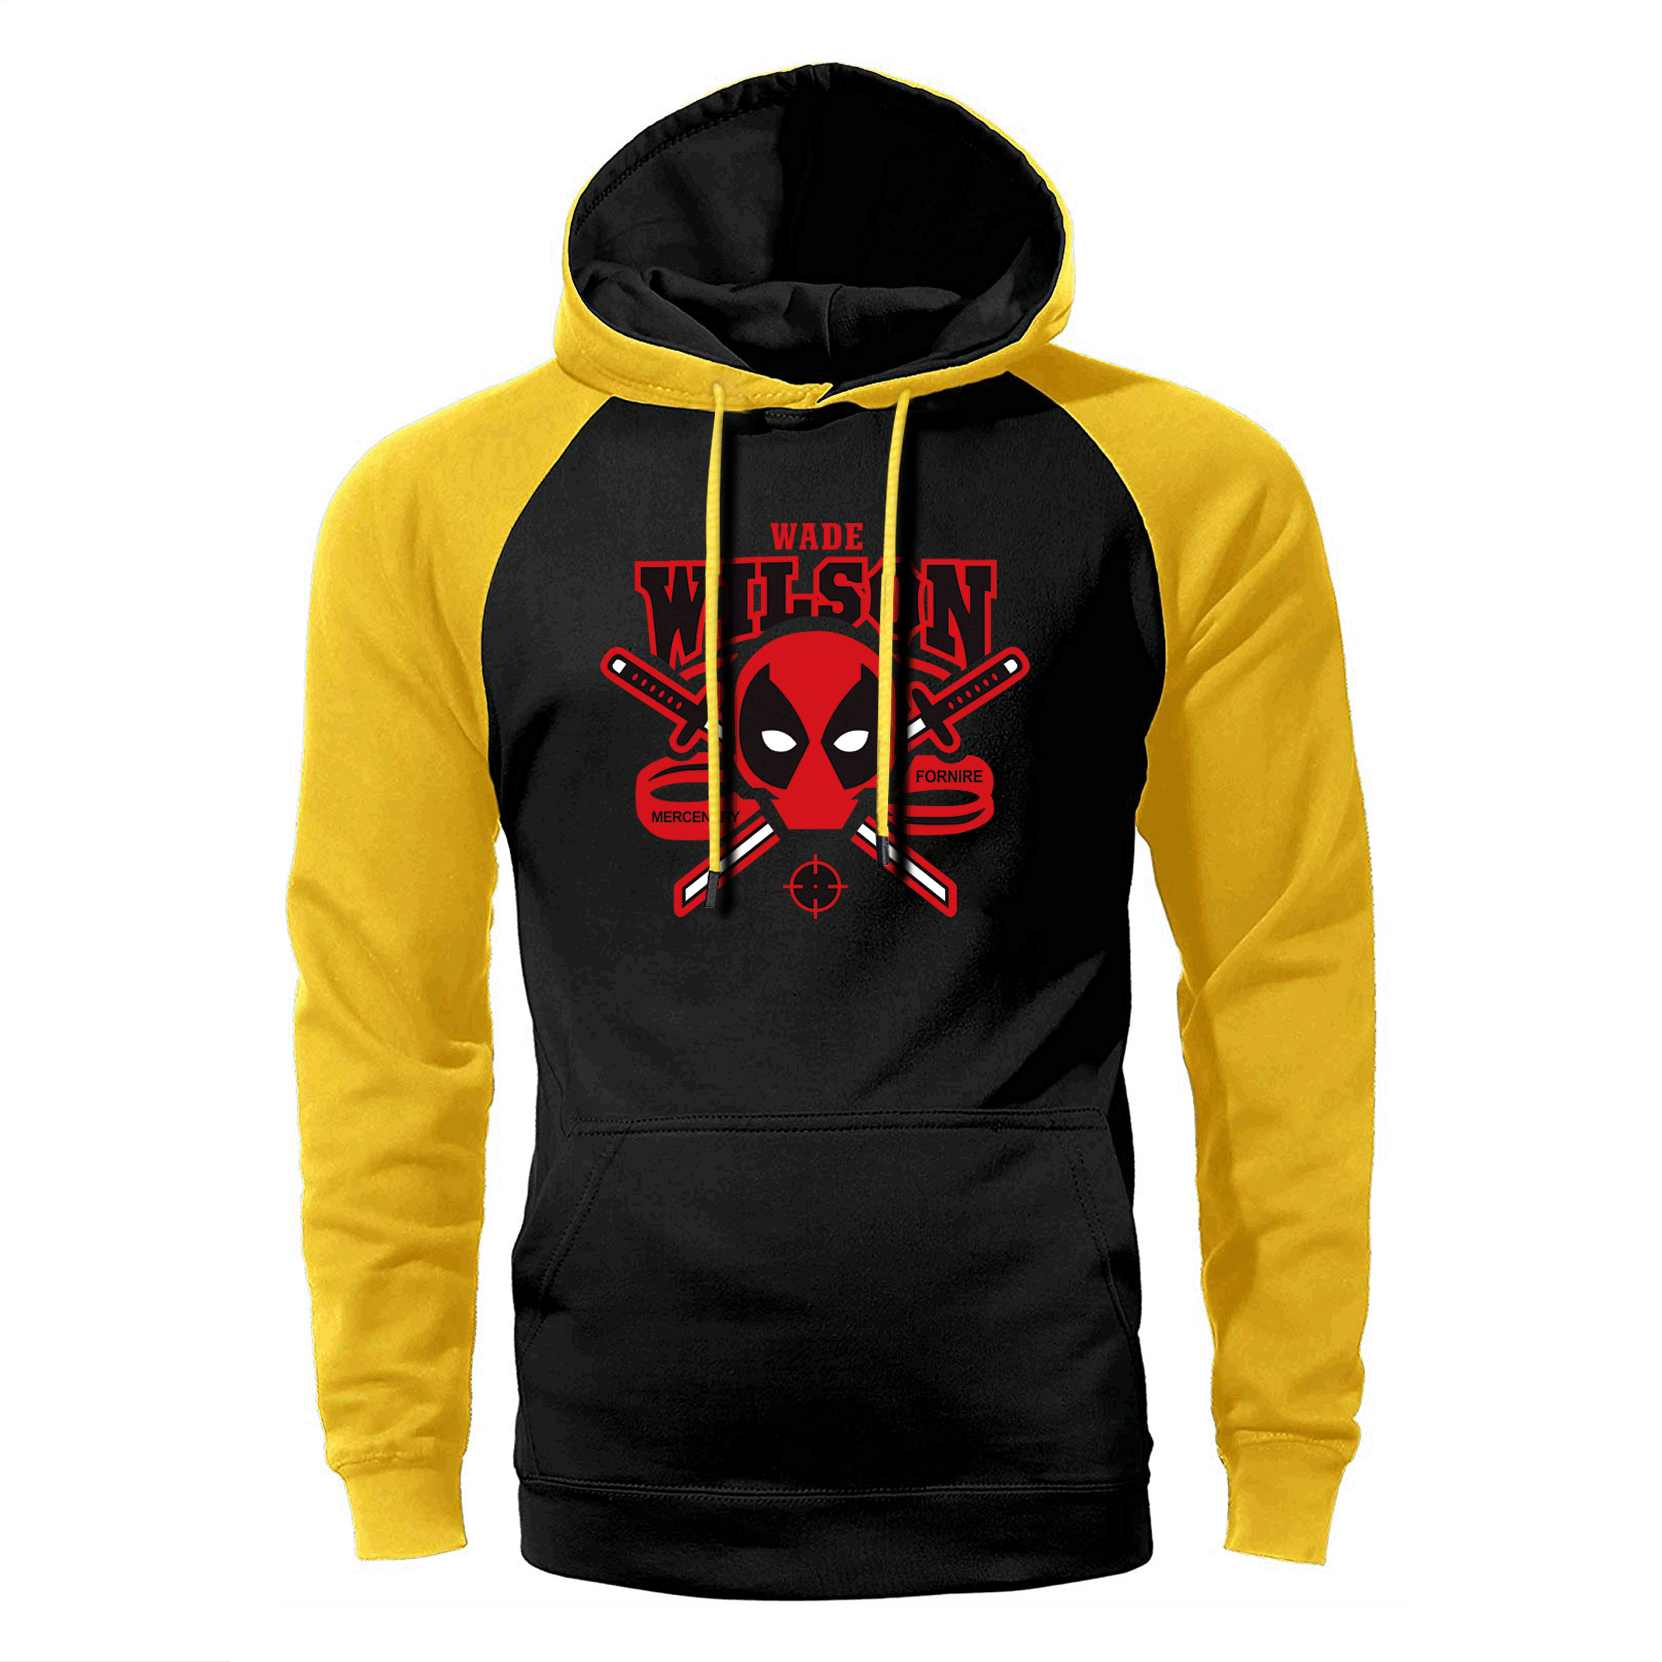 Super Hero Deadpool Hoodie Männer Raglan Hoodies Herren Lustige Sweatshirts 2019 Frühling Herbst Lose Streetwear Dead Pool Sportswear